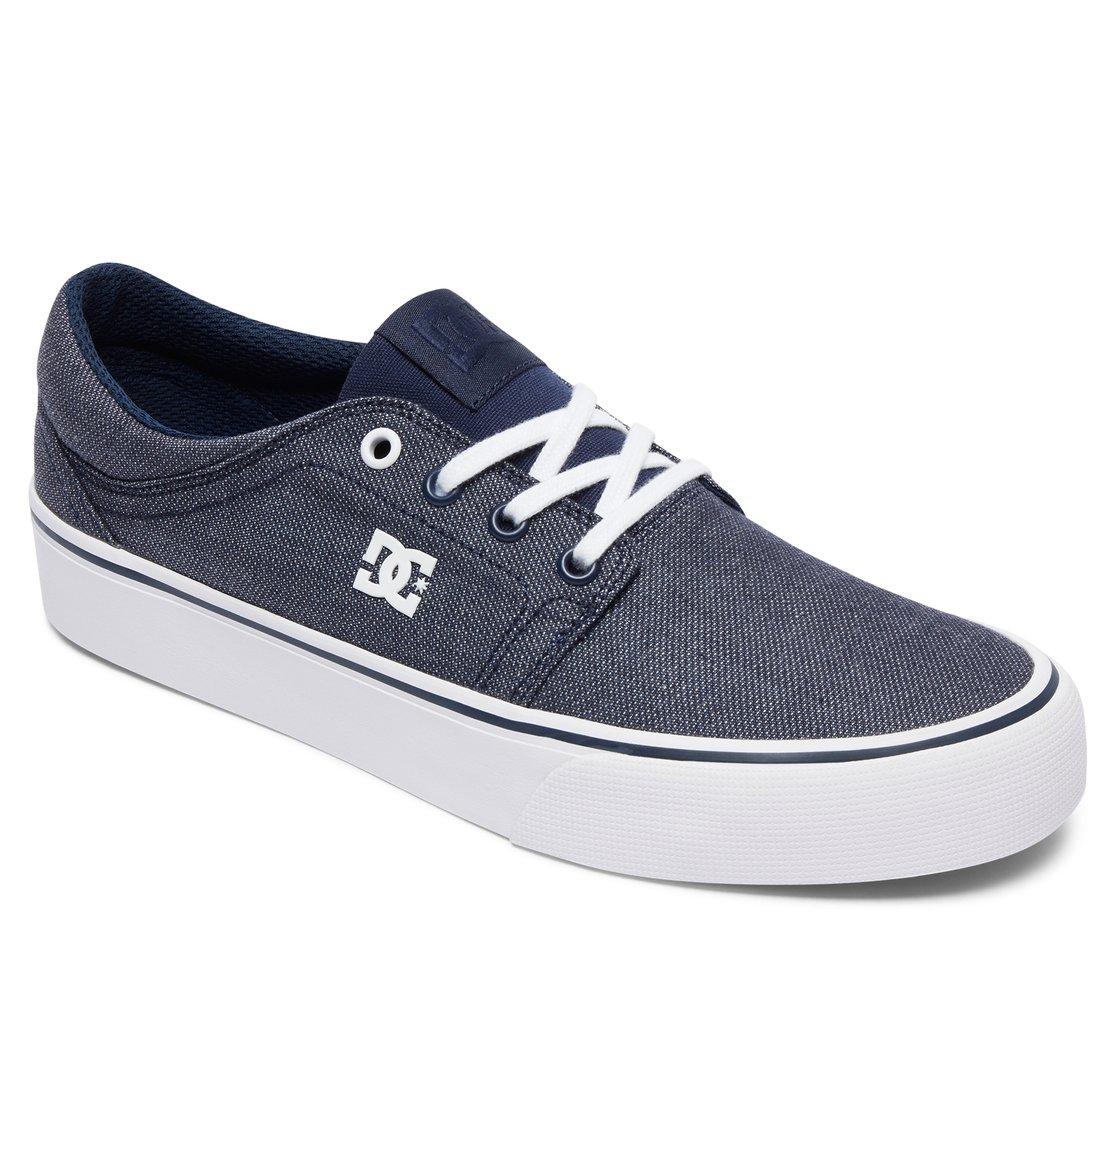 1 Women S Trase Tx Se Shoes Blue Adjs300080 Dc